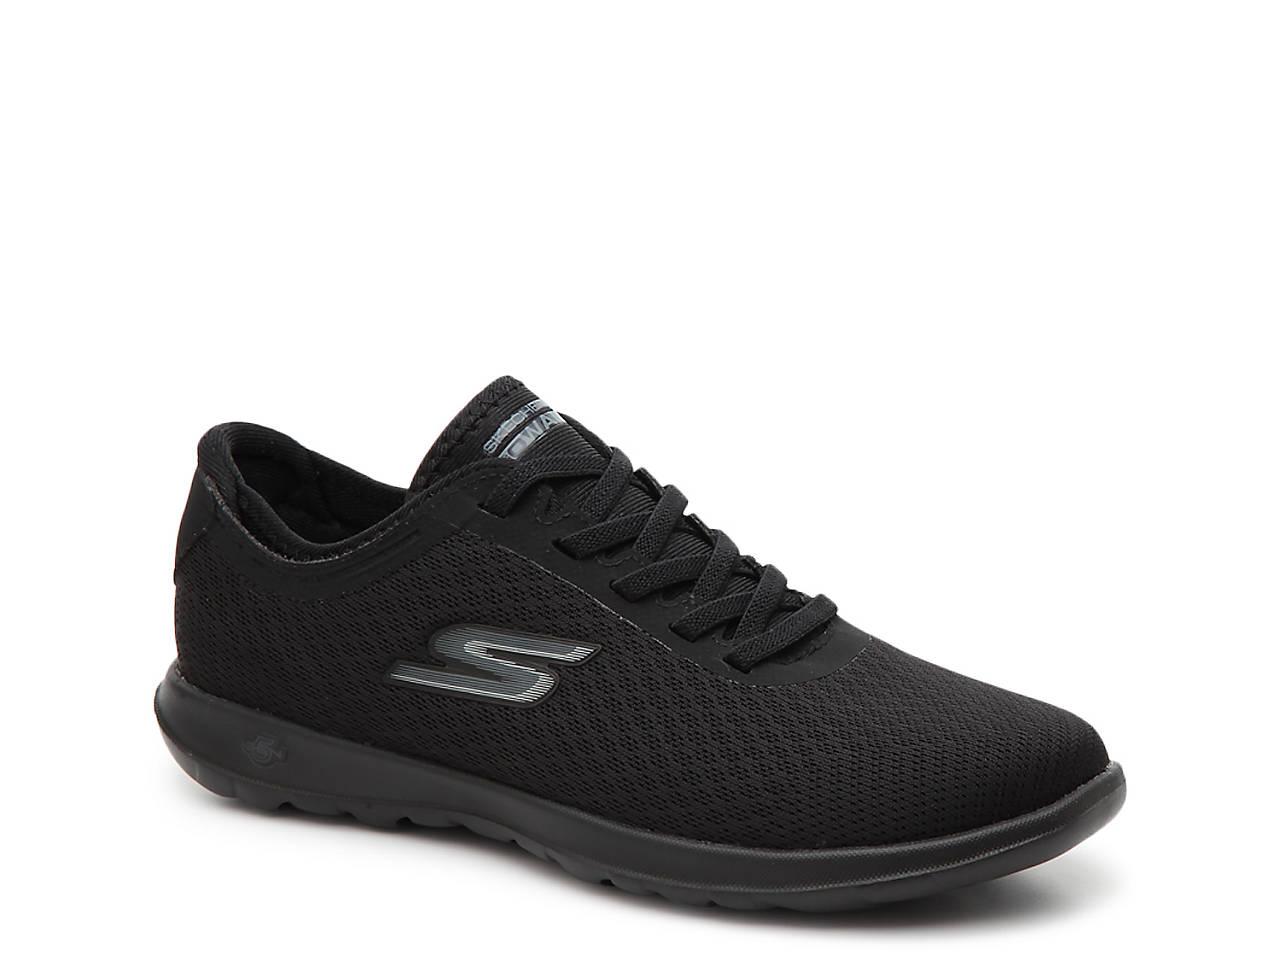 19f0cda668e1 Skechers GoWalk Lite Slip-On Sneaker Women s Shoes